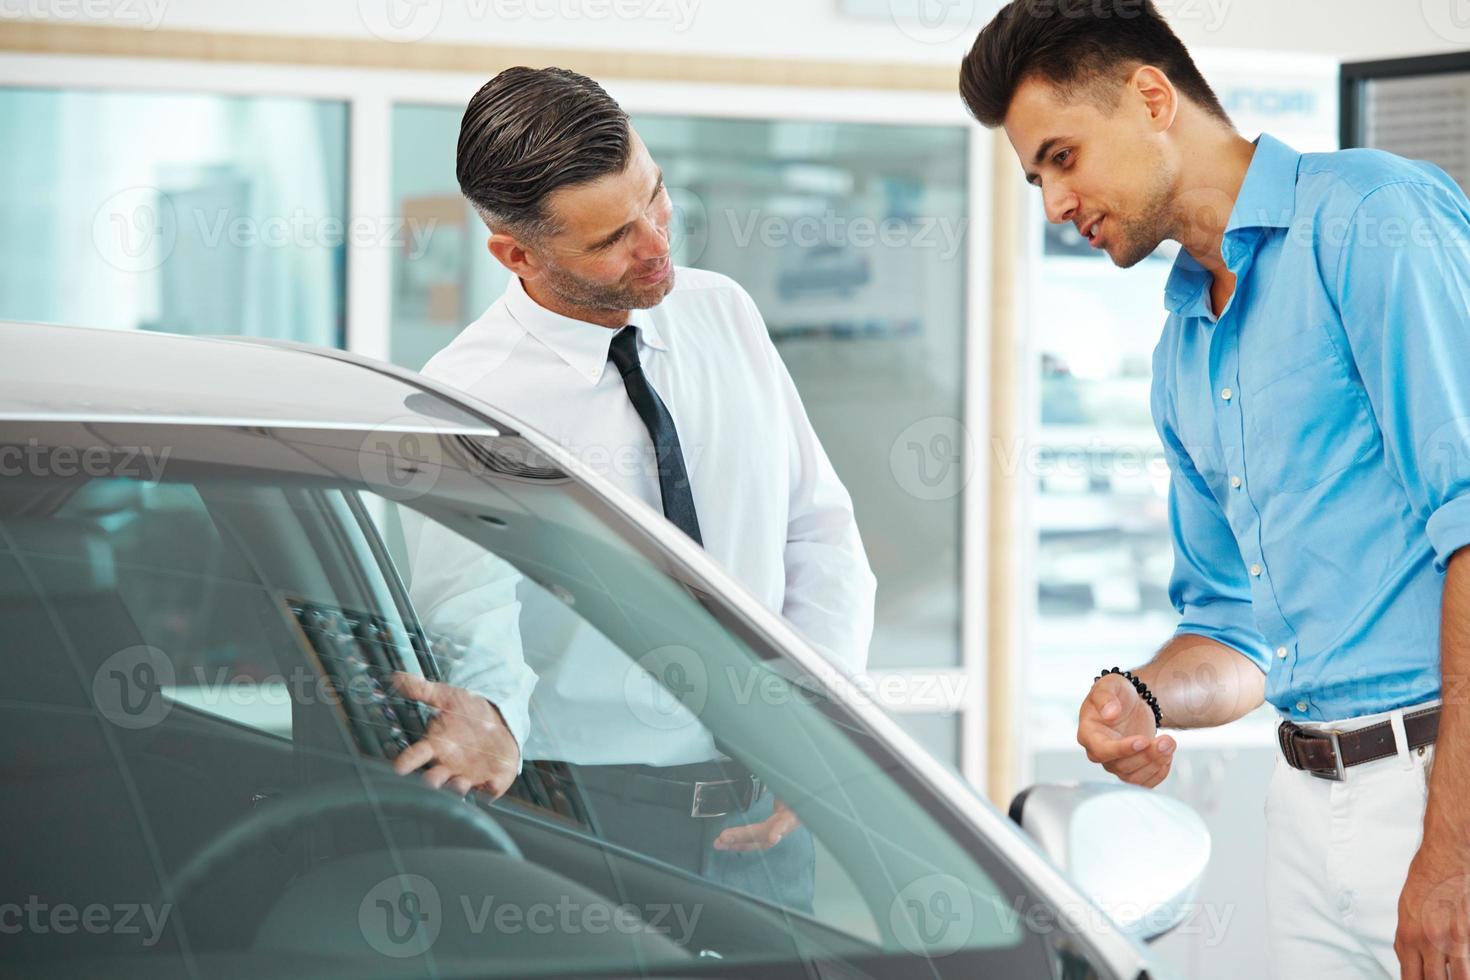 consultor de vendas mostrando carro novo para um potencial comprador foto